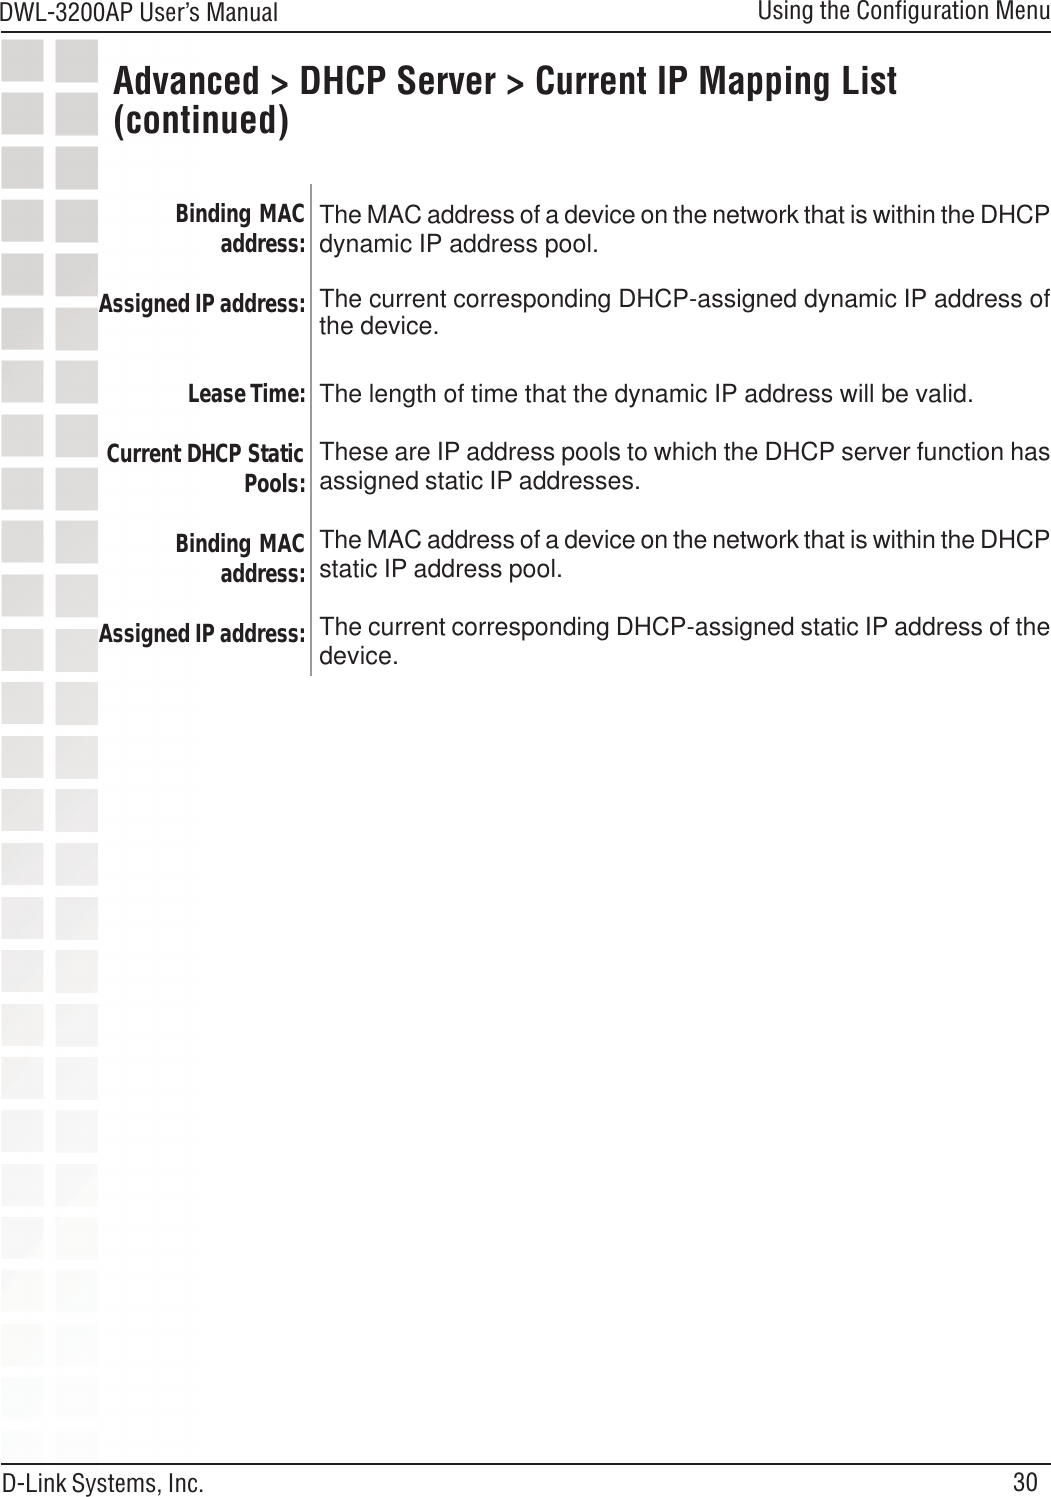 d link dwl 3200ap manual